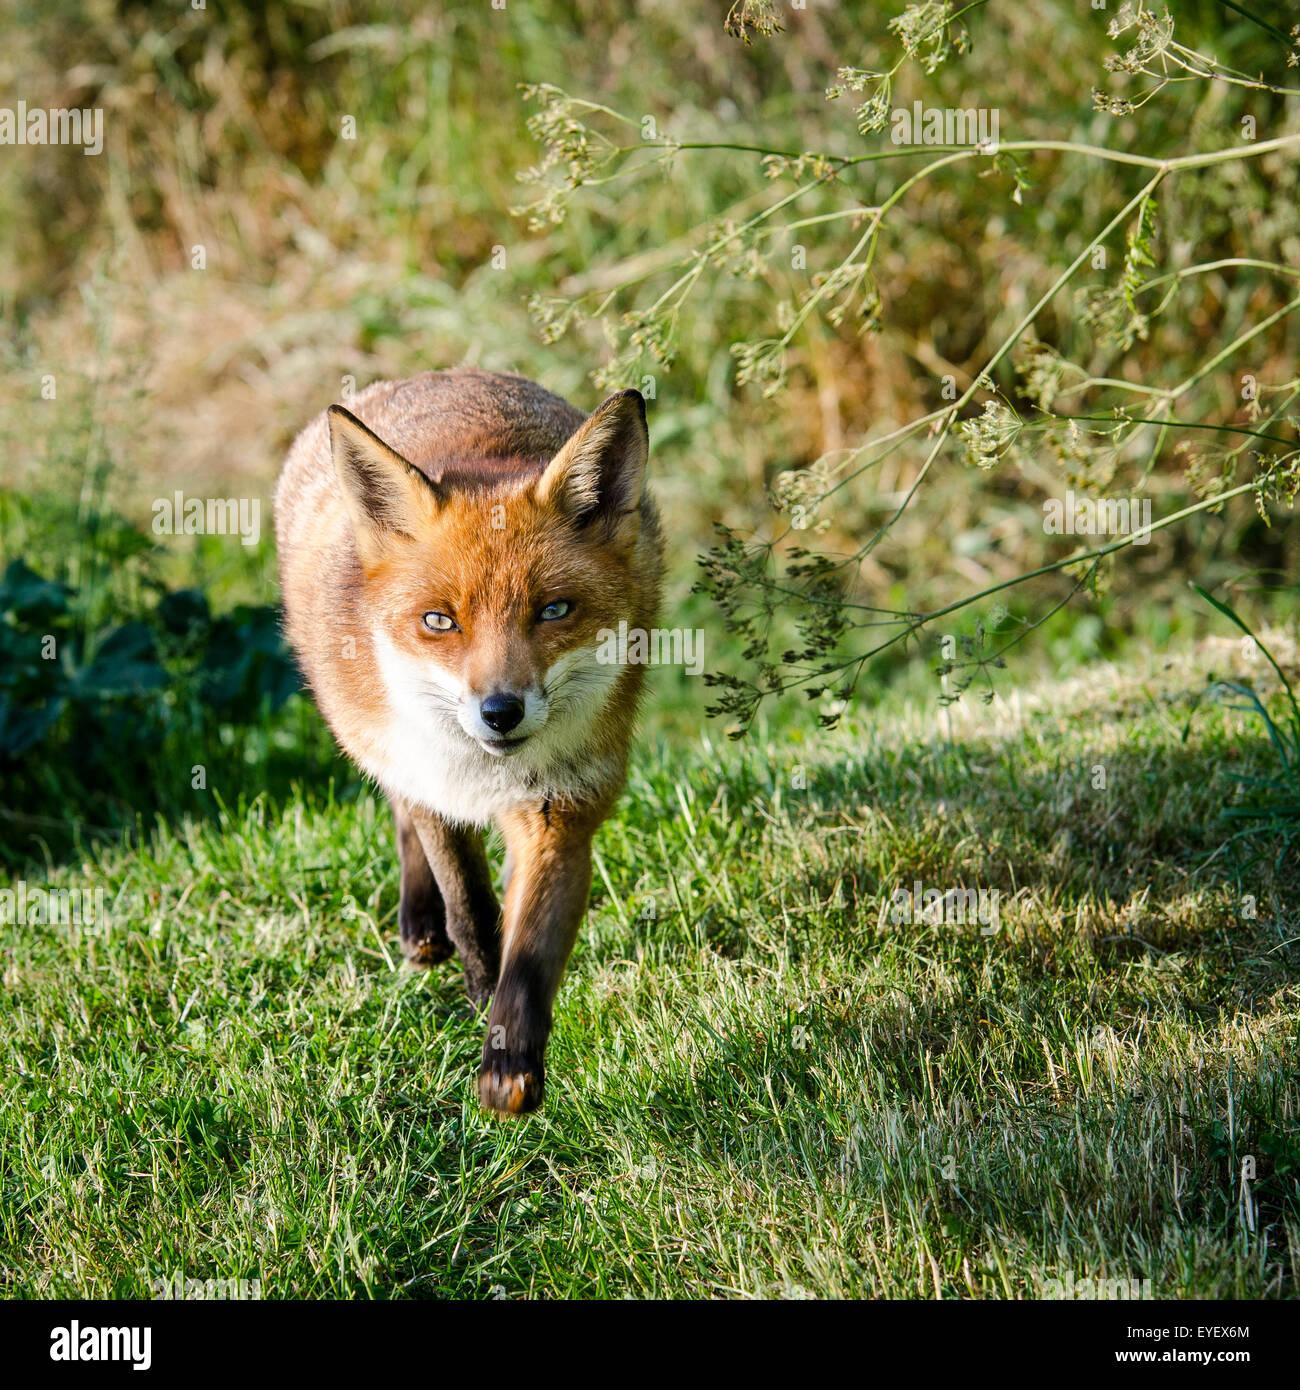 Unione volpe (Vulpes vulpes) passeggiate attraverso il campo, UK. Immagini Stock